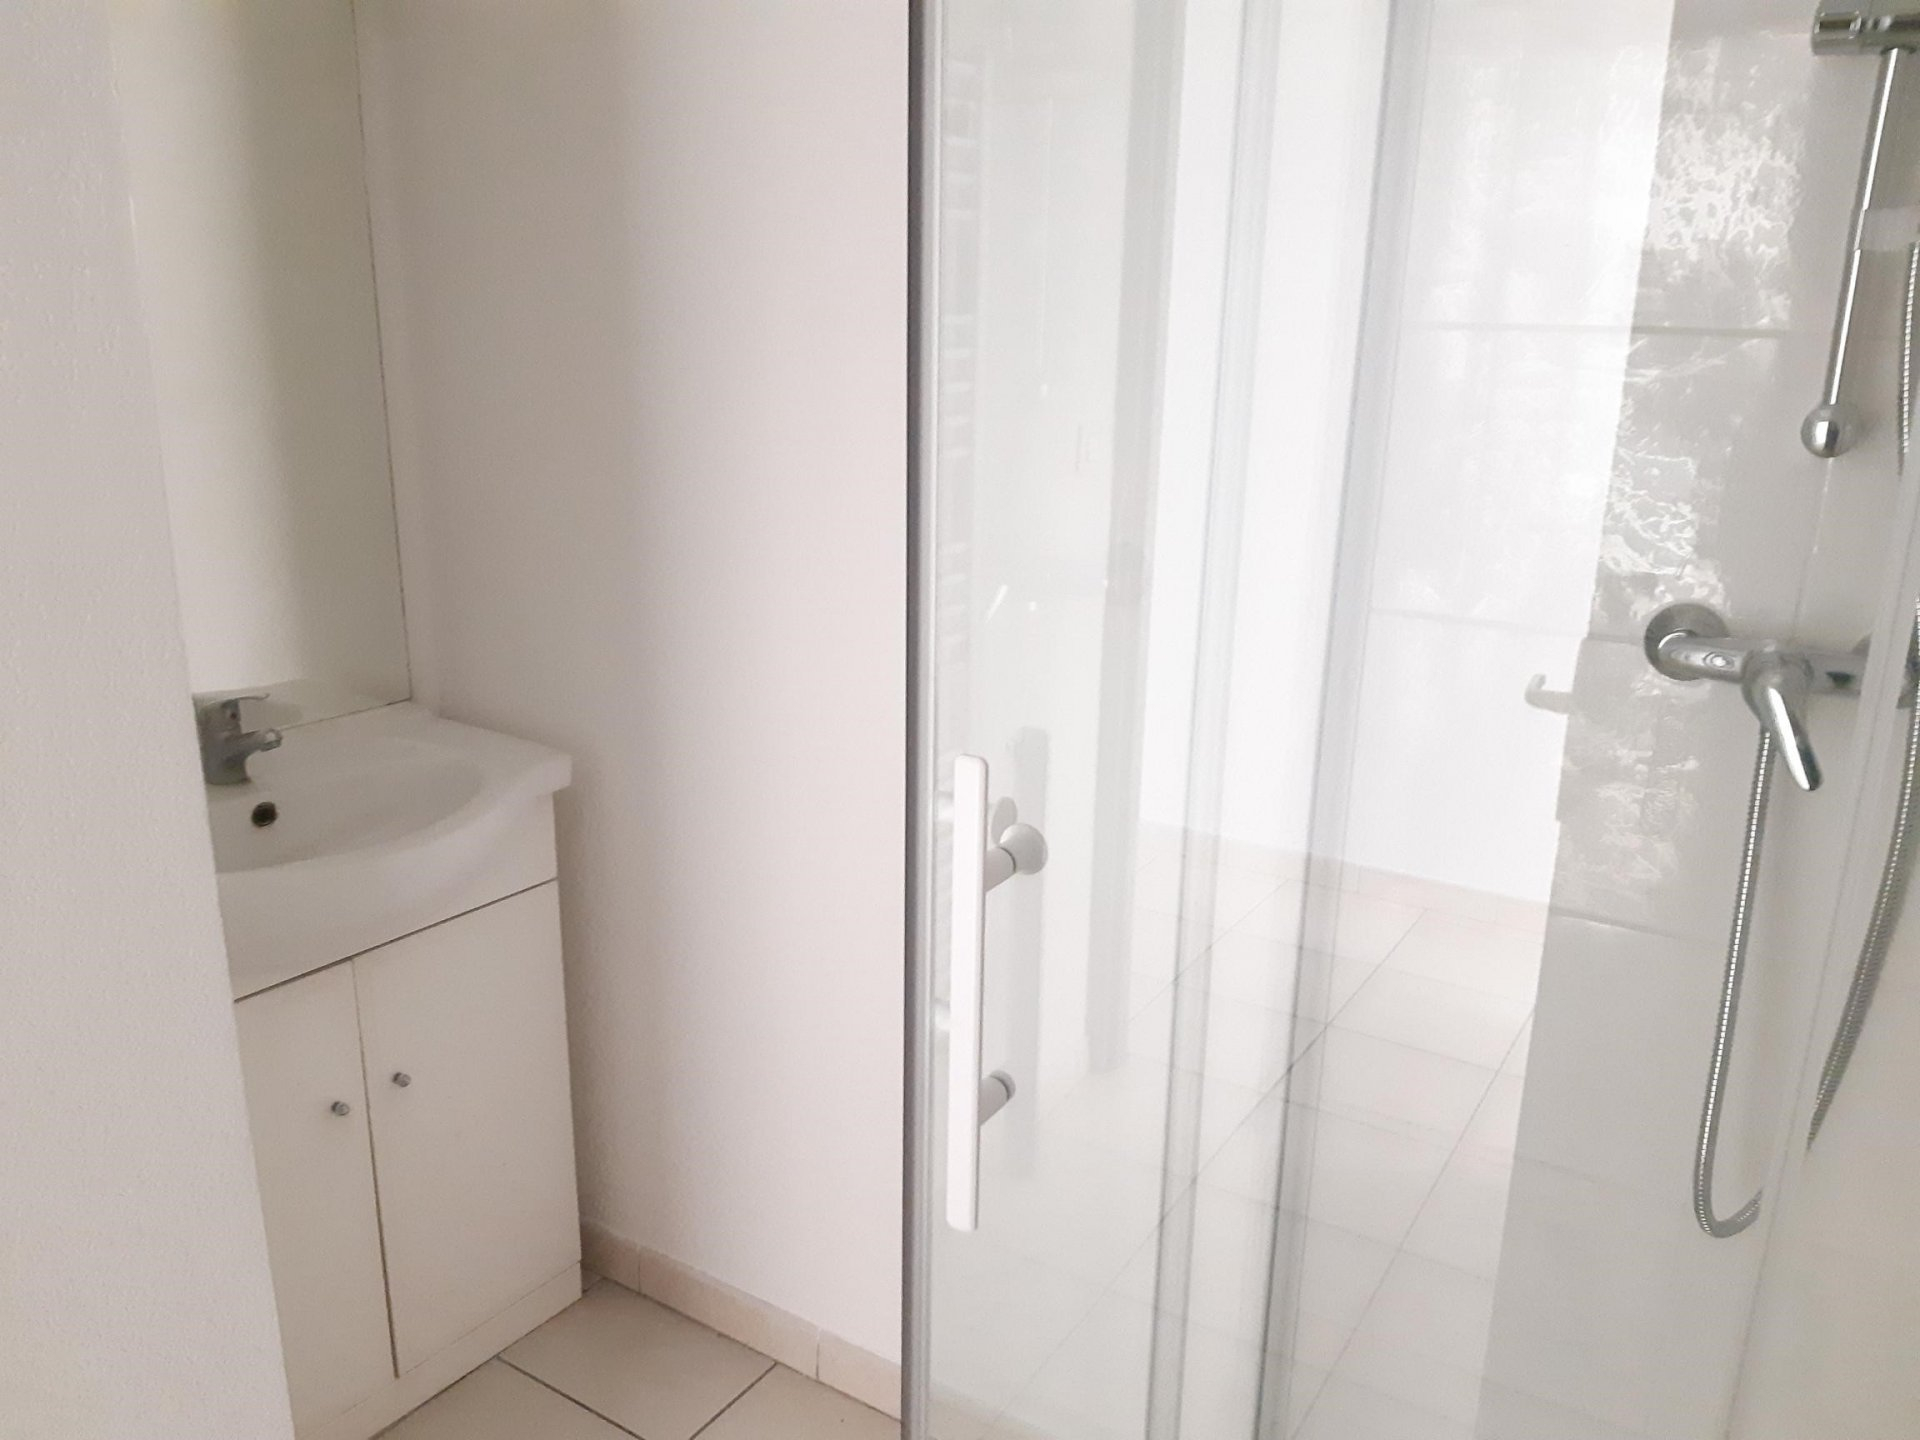 Location Appartement BEAUCAIRE séjour de 31.65 m²